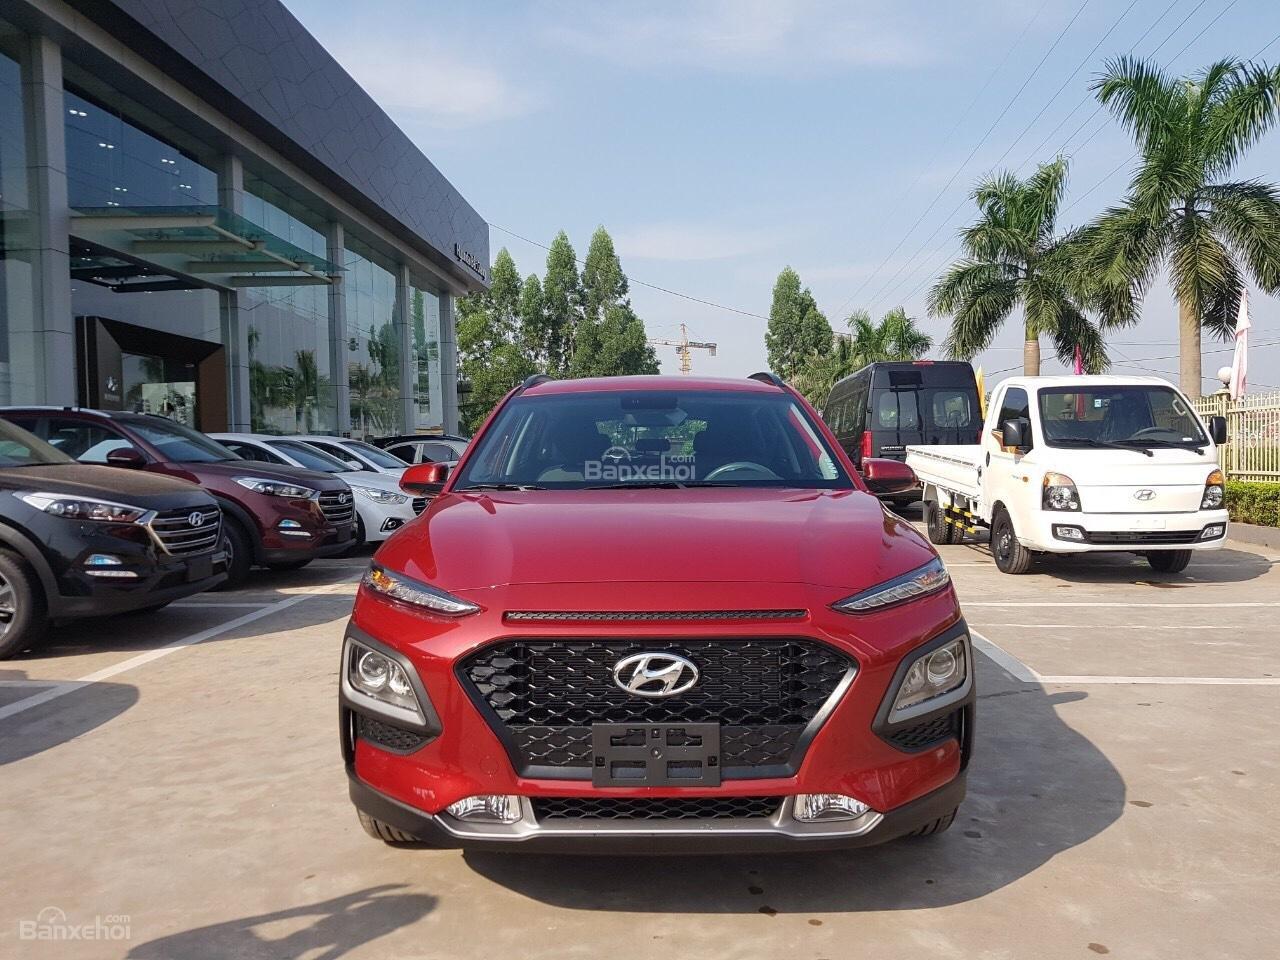 Hyundai Phạm Văn Đồng bán Konna đặc biệt giao ngay đủ màu, giá tốt liên hệ Mr Cảnh 0984 616 689-0